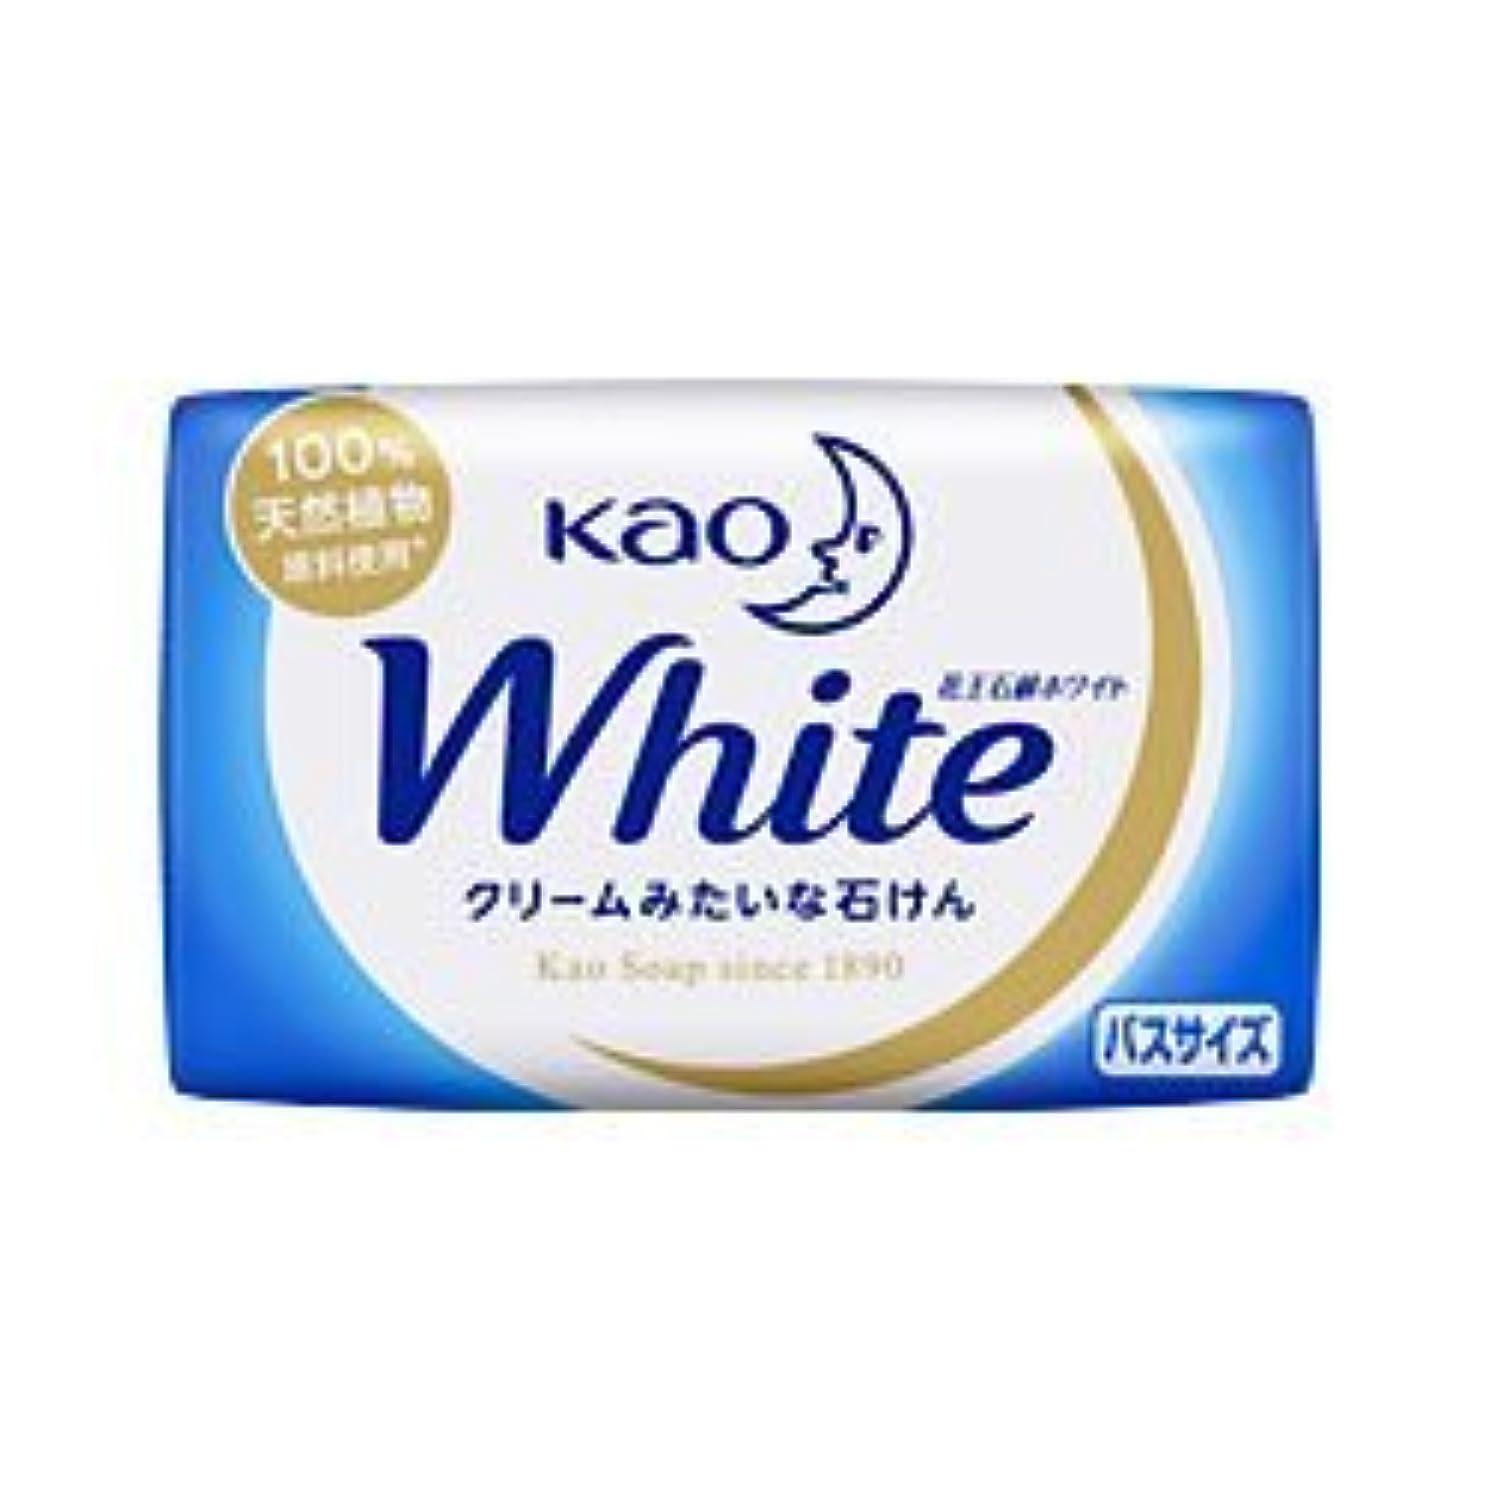 エンジニア誠意叙情的な【花王】花王ホワイト バスサイズ 1個 130g ×10個セット